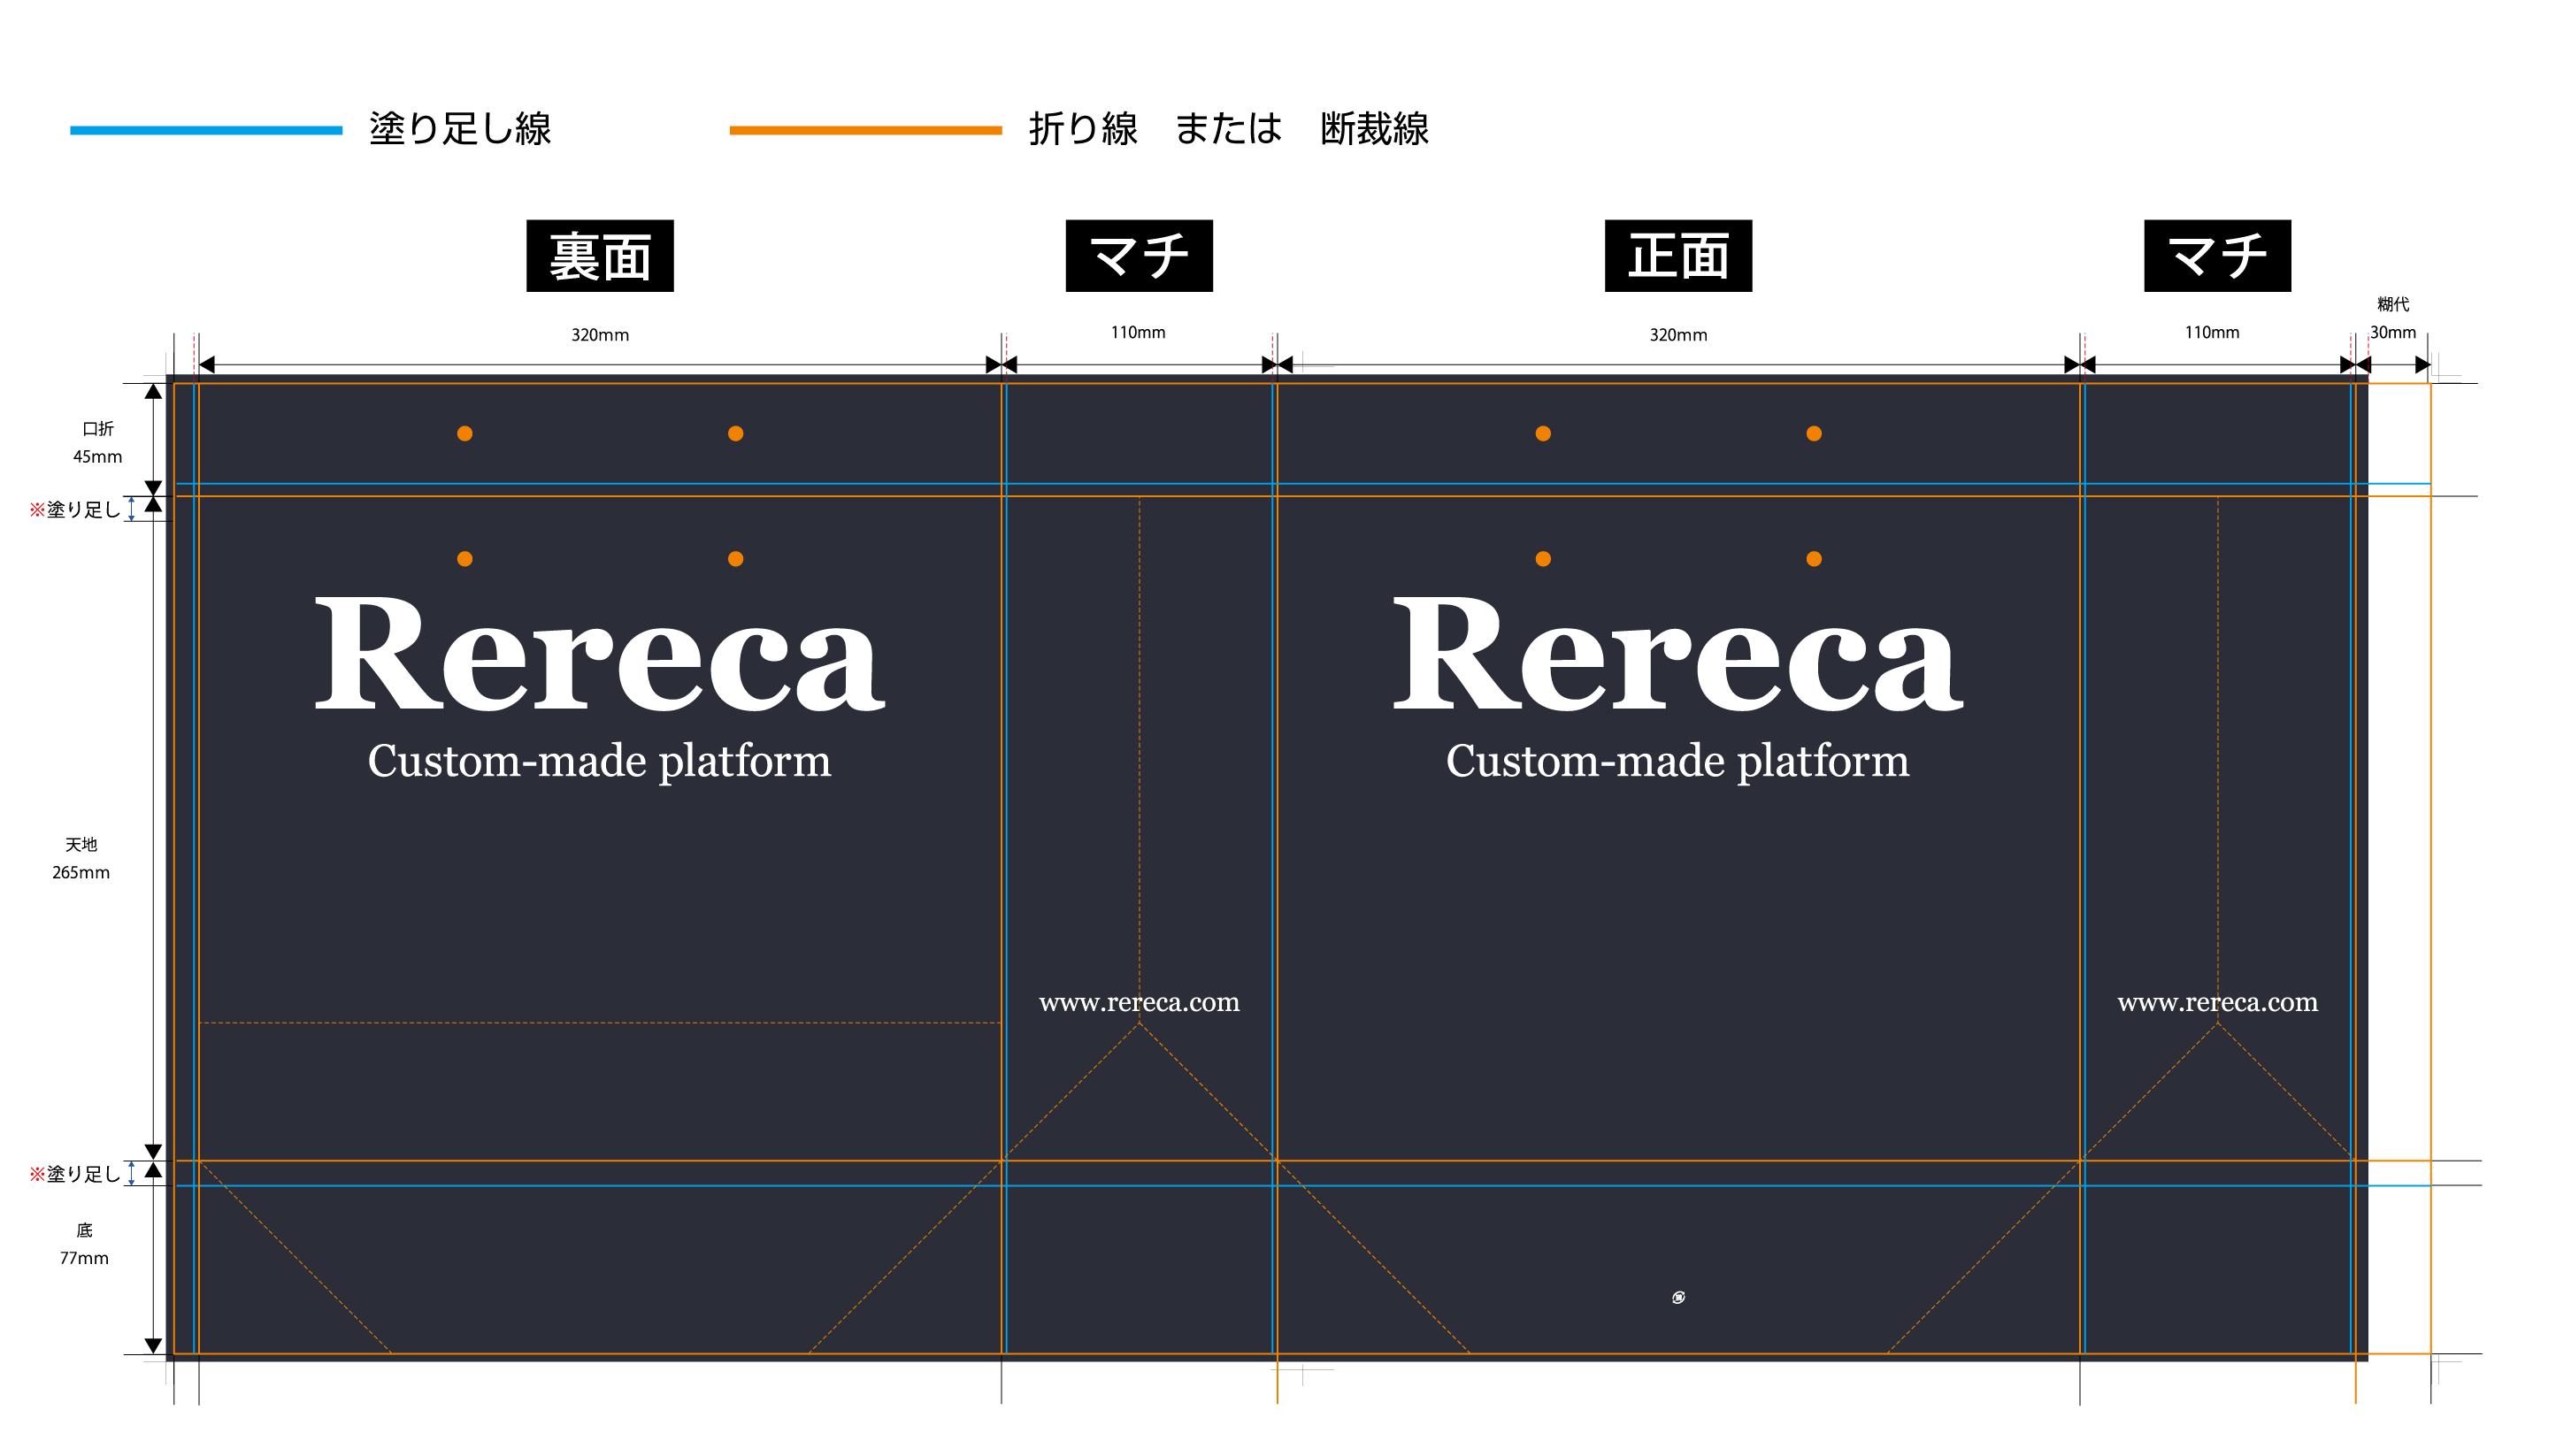 黒ベタ紙袋展開図パターン4